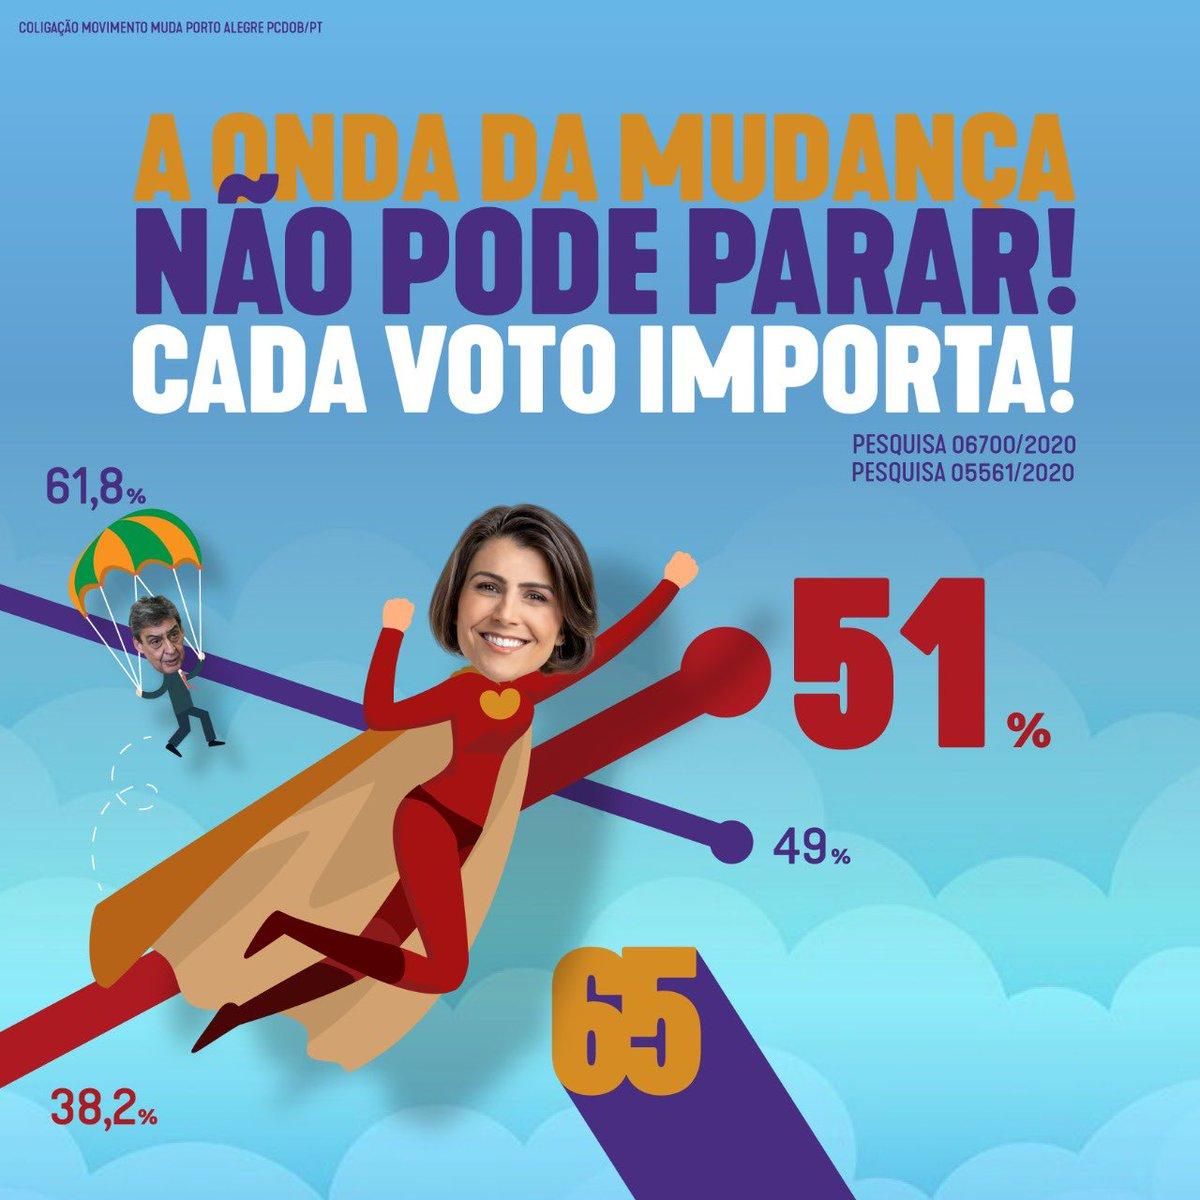 Alegria! O Ibope já aponta a virada de Manu em Porto Alegre! A construção de uma cidade mais humana, inteligente, que integra desenvolvimento com inclusão  está chegando. Sem descanso, vamos virar voto! Agora é @ManuelaDavila #Vira65 #AgoraEManuela65